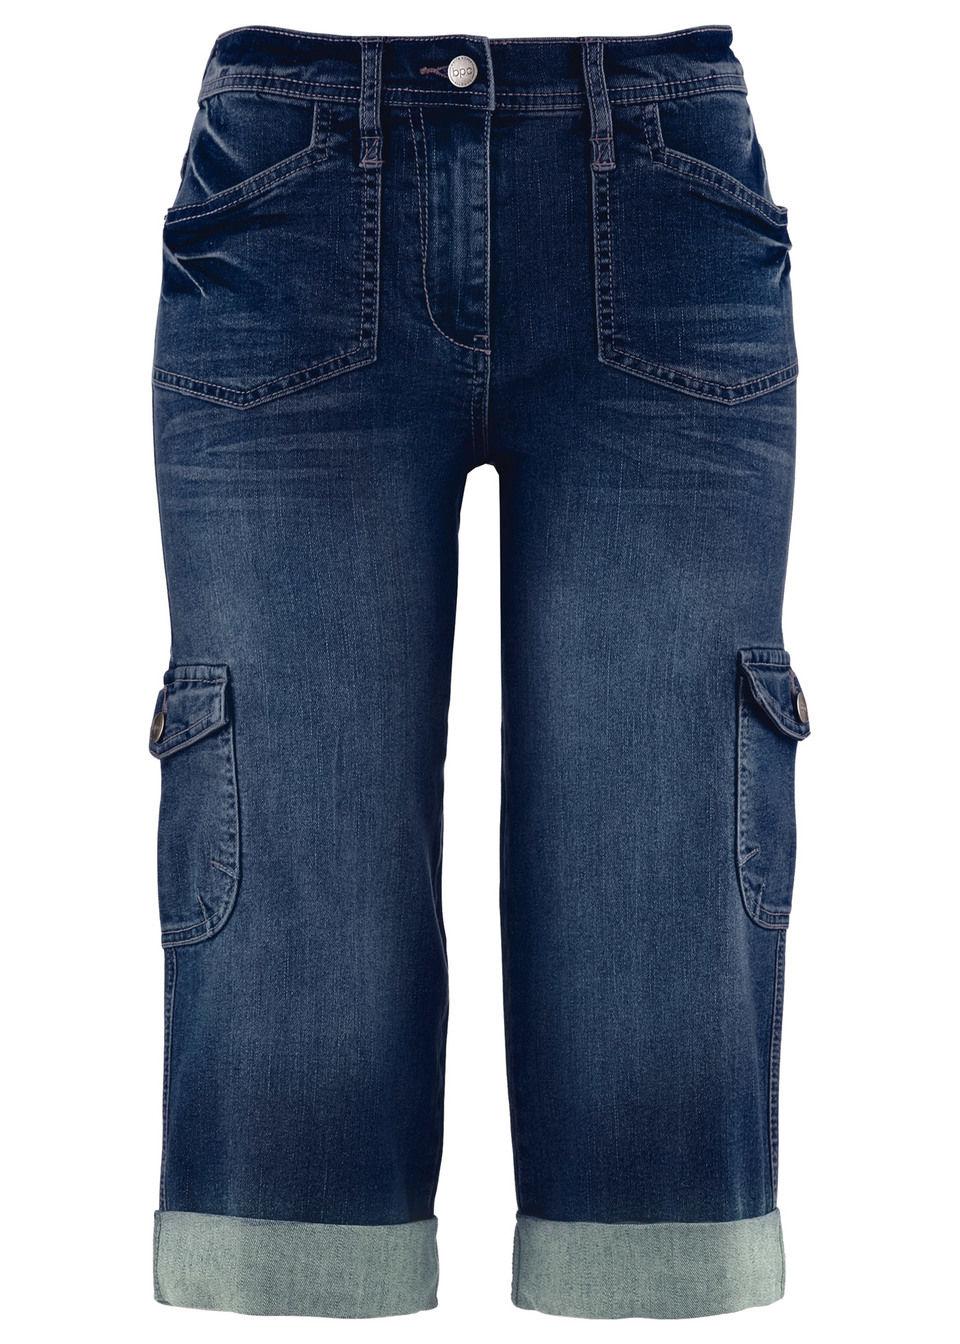 Эластичные джинсы-капри с карманами карго